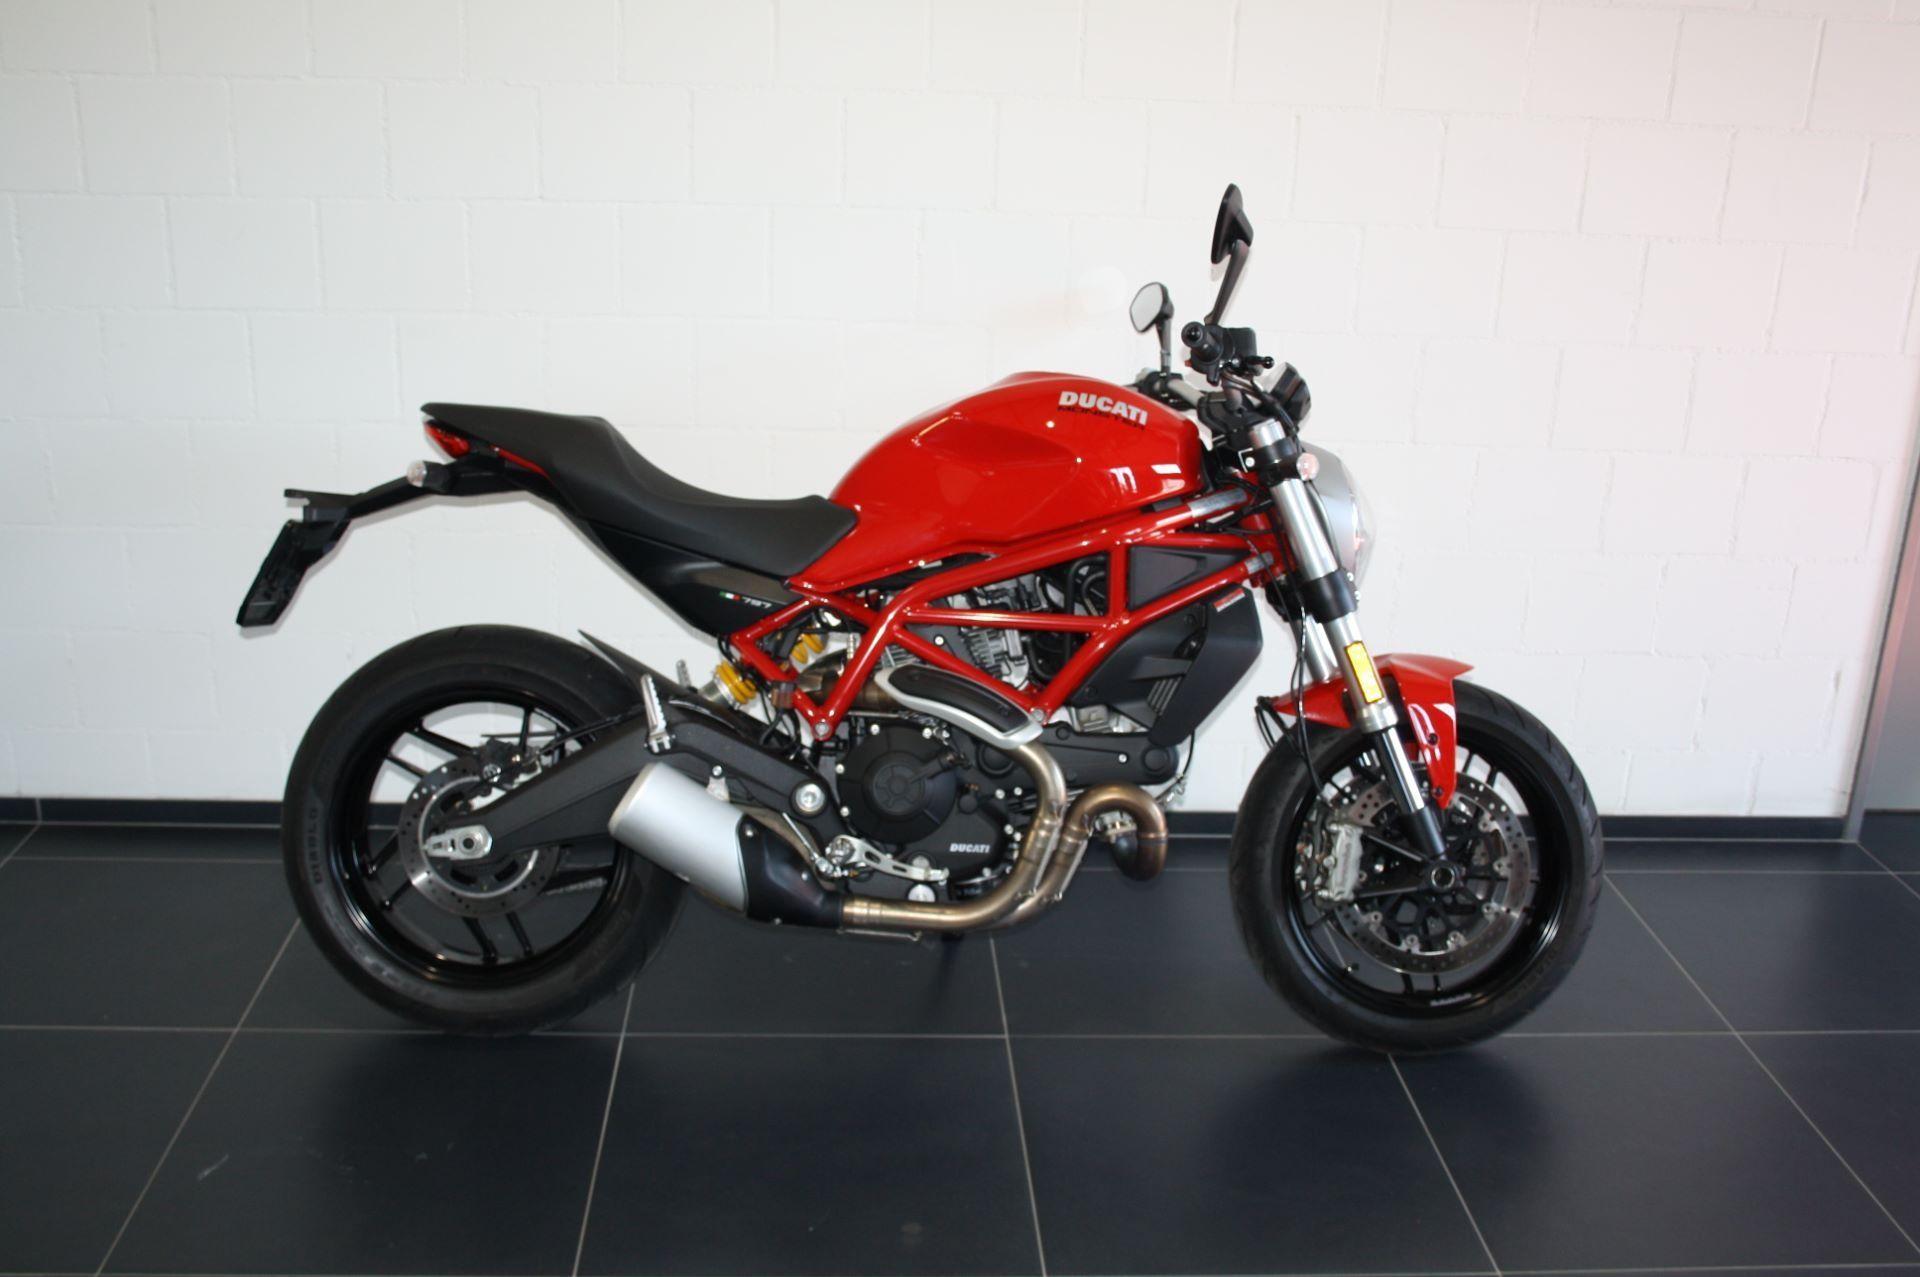 moto occasions acheter ducati 797 monster moto zentralschweiz perlen. Black Bedroom Furniture Sets. Home Design Ideas